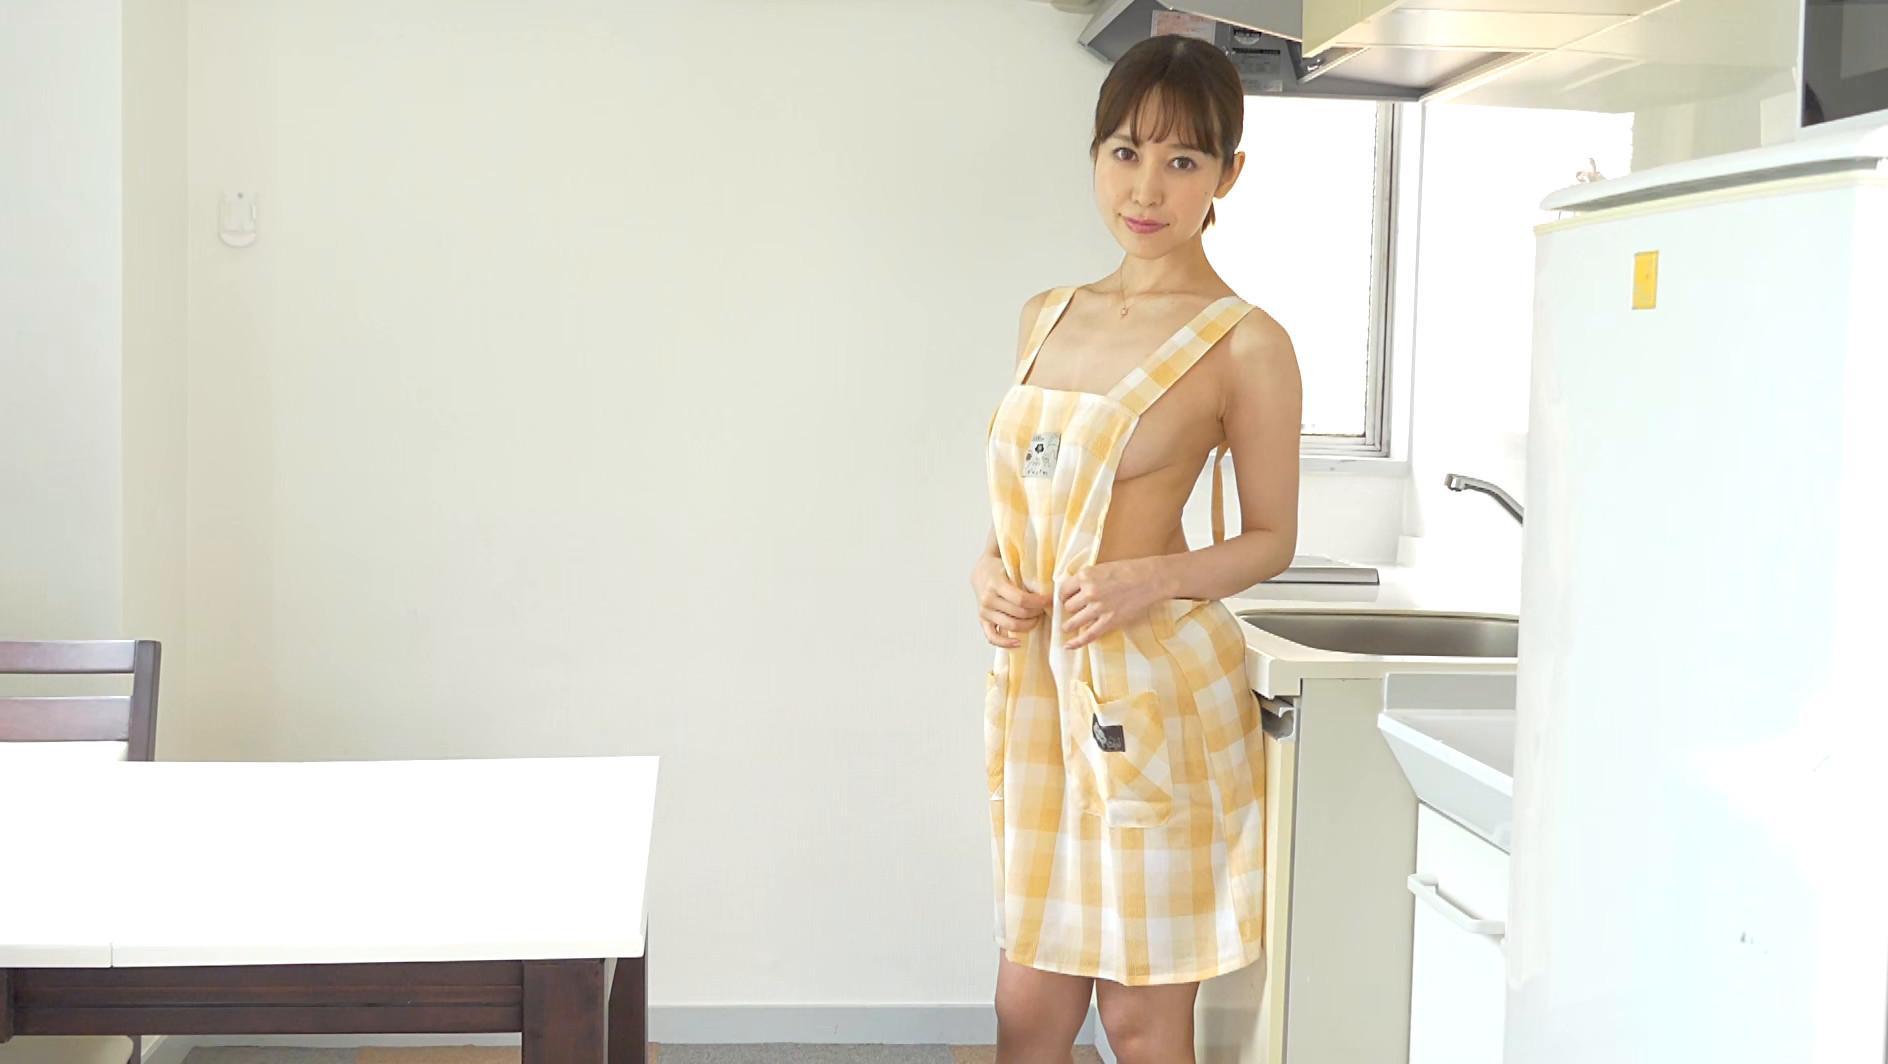 ヘアーヌード~無修正・美巨乳Fカップ・美尻・セクシー女優~ 篠田ゆう 画像15